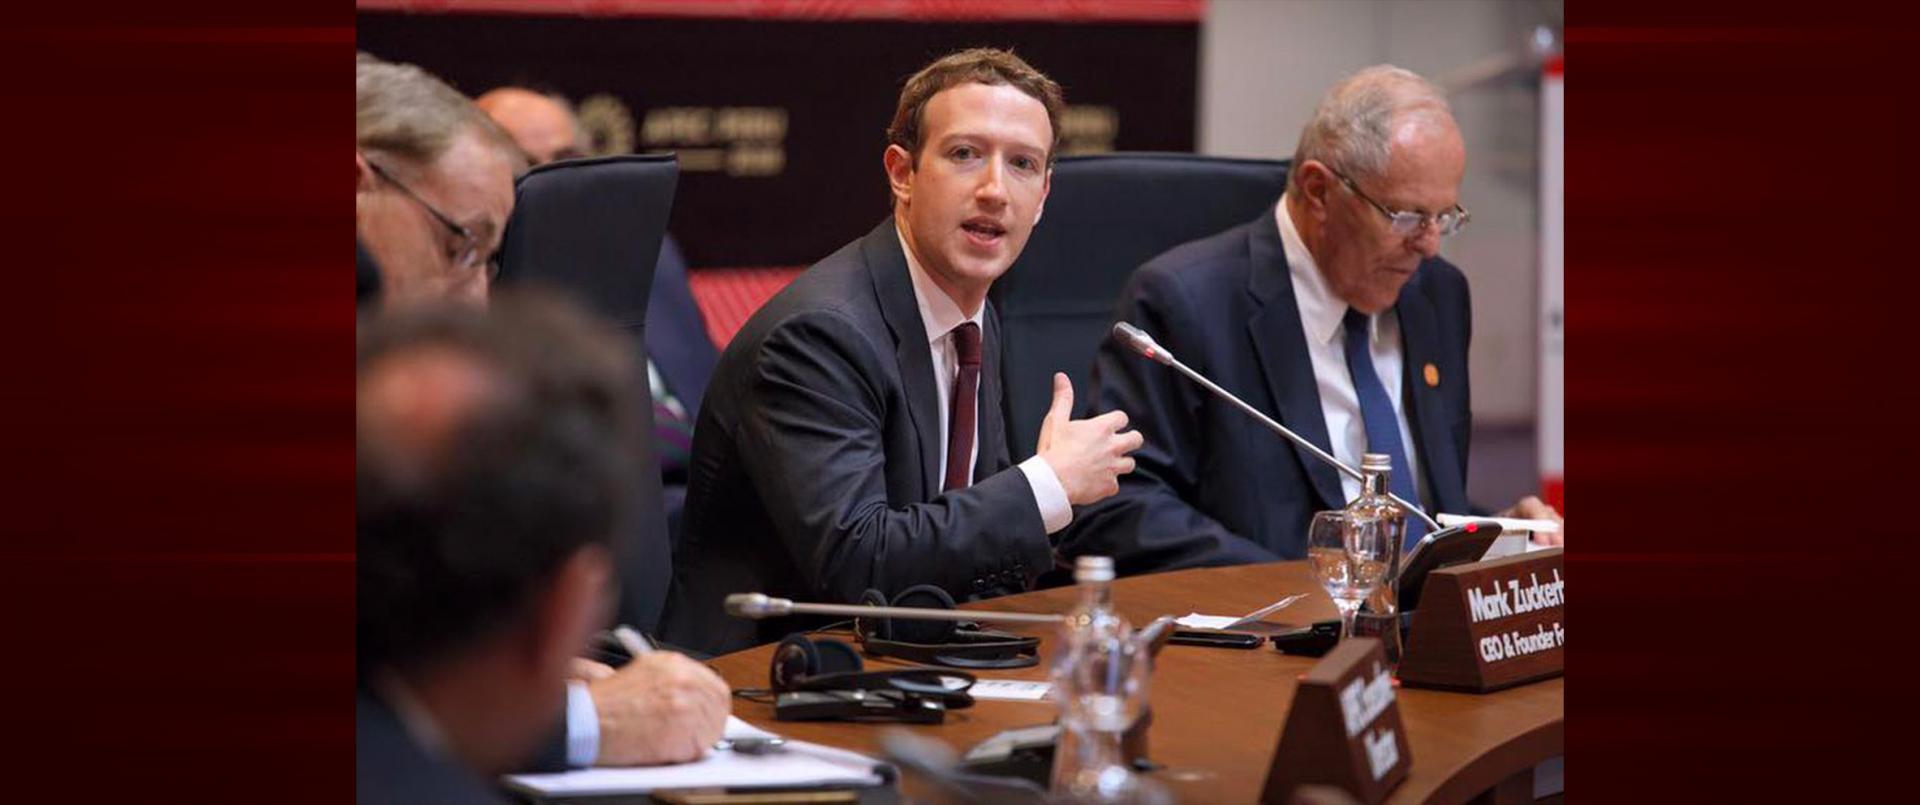 Cosa ha detto Zuckerberg al Congresso USA: la testimonianza